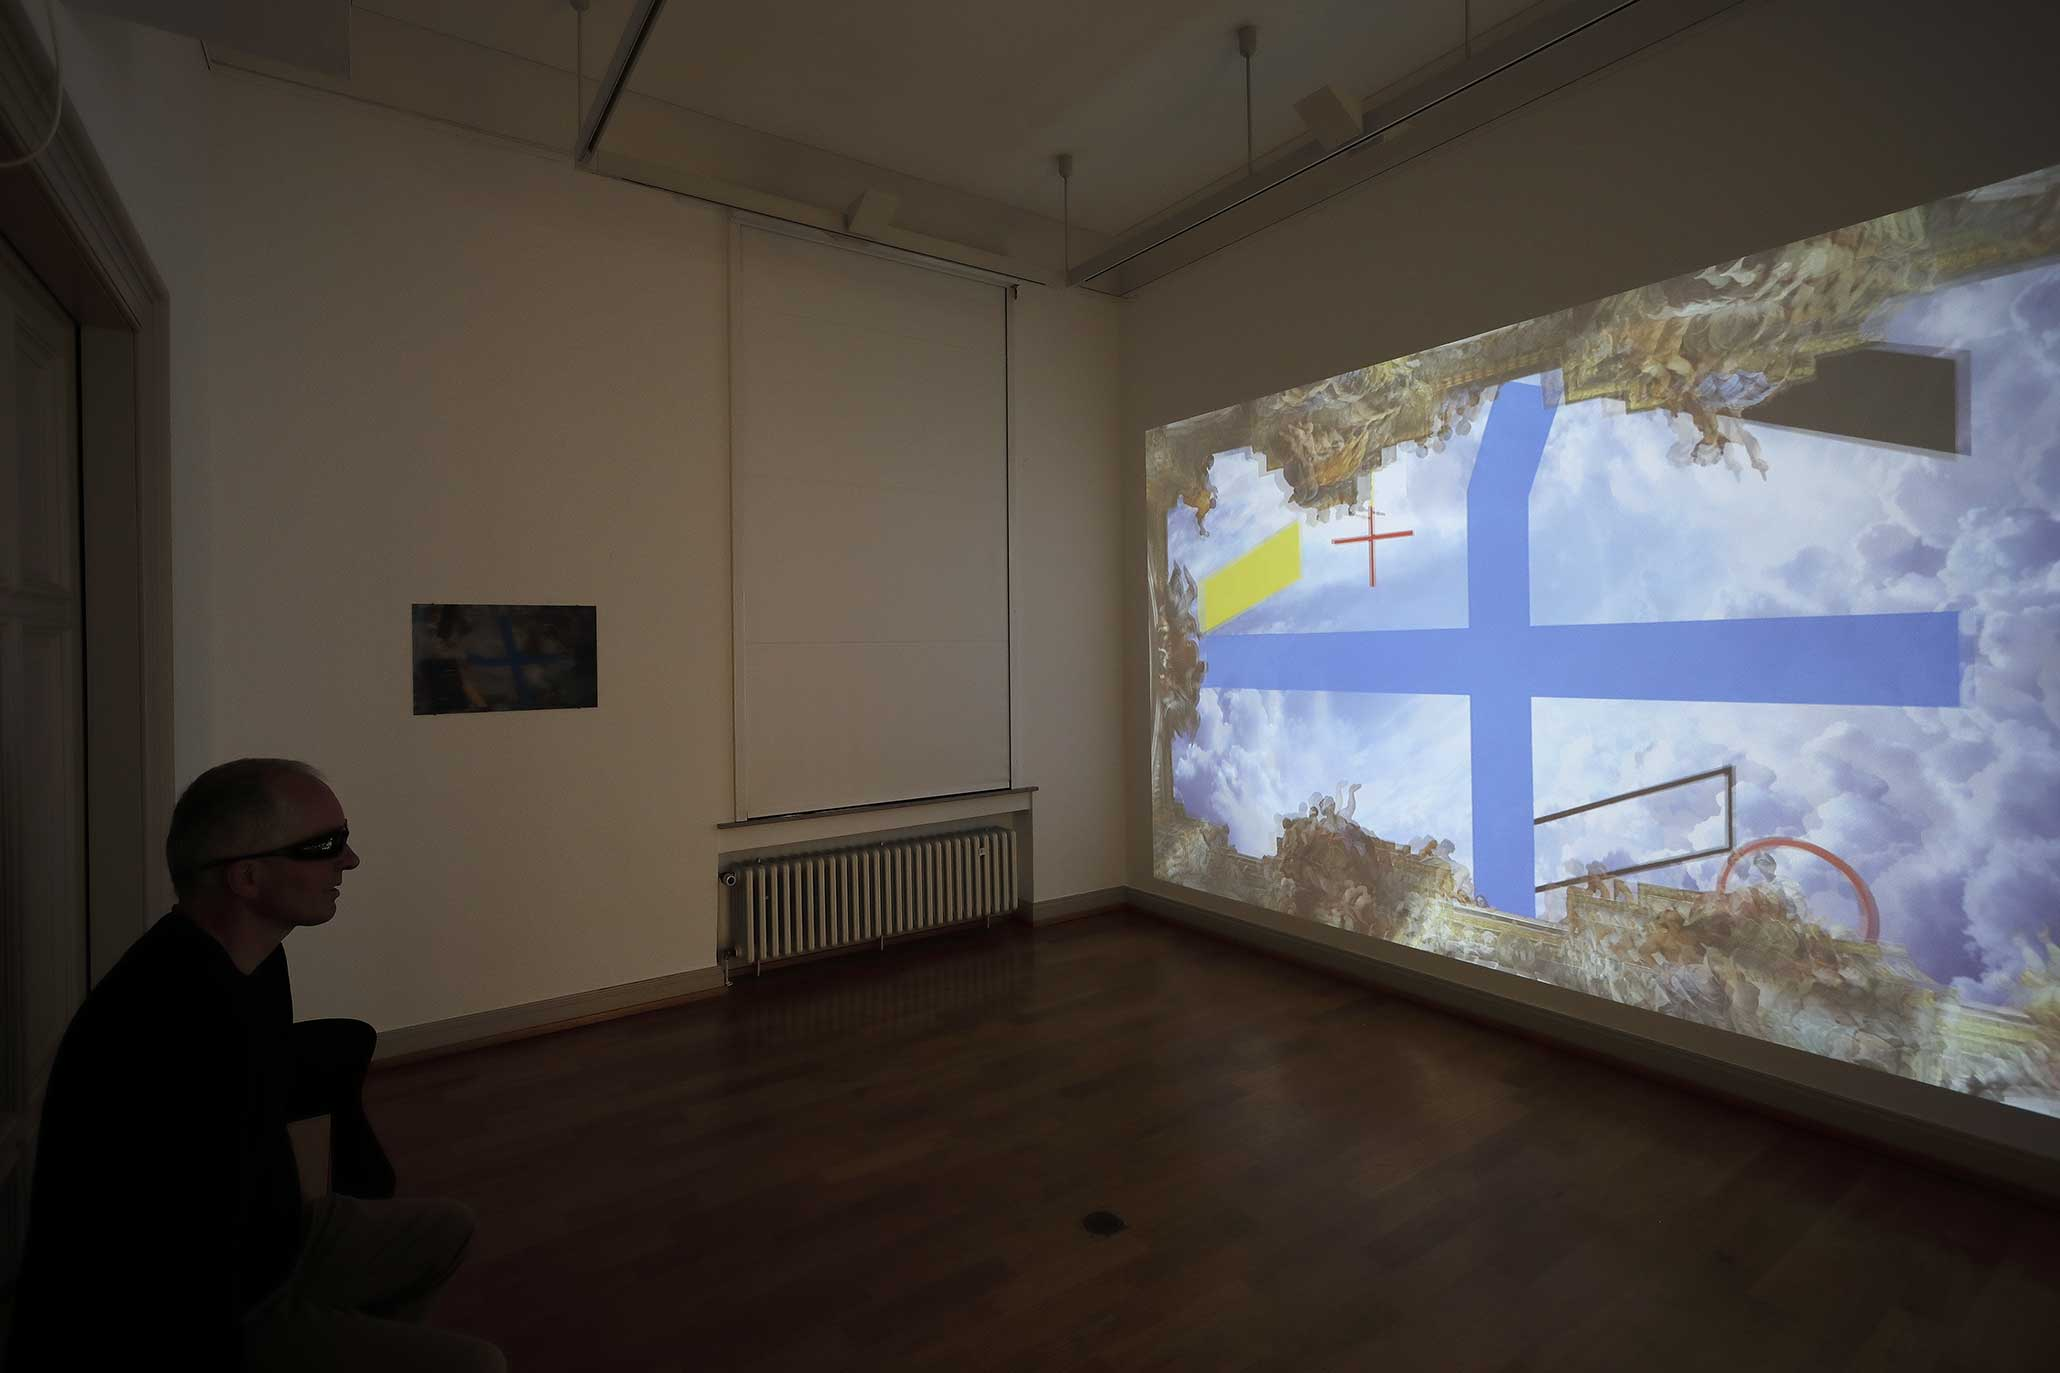 Barocke Versprechen und Konstruktive Zweifel , Einzelausstellung Myriam Thyes, 'Intermezzo' Kunstmuseum Ahlen 2019. Ansicht: Kreuz und Fläche zu Raum.